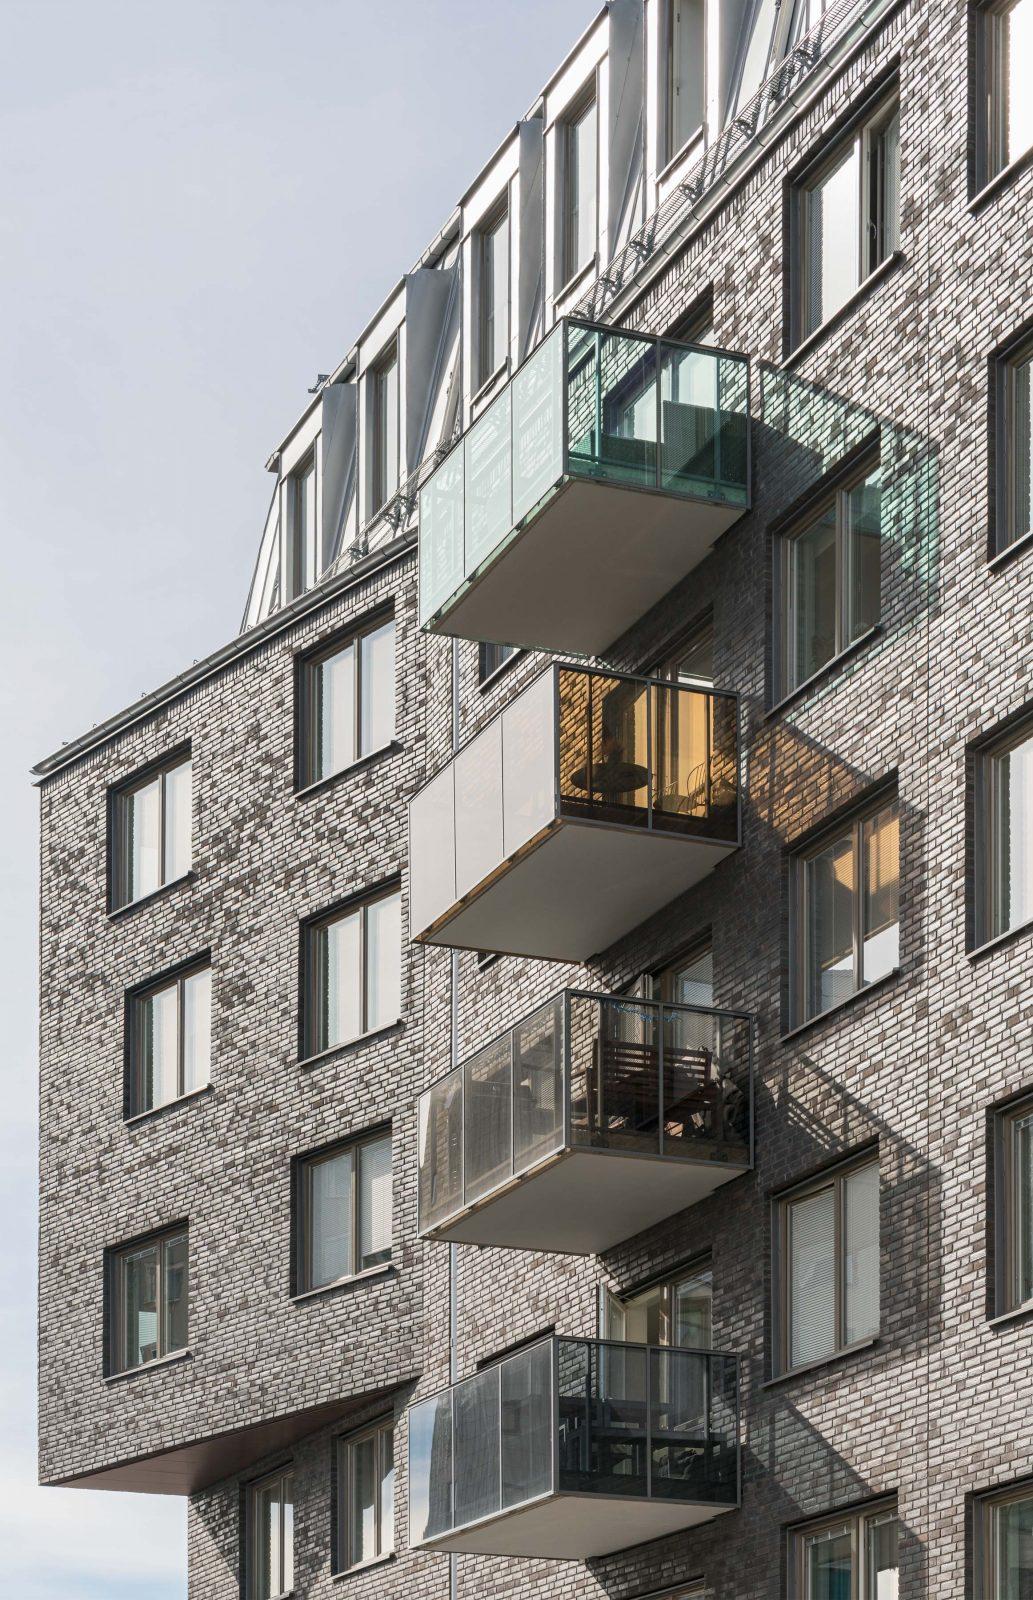 kjellandersjoberg monoliten balconies